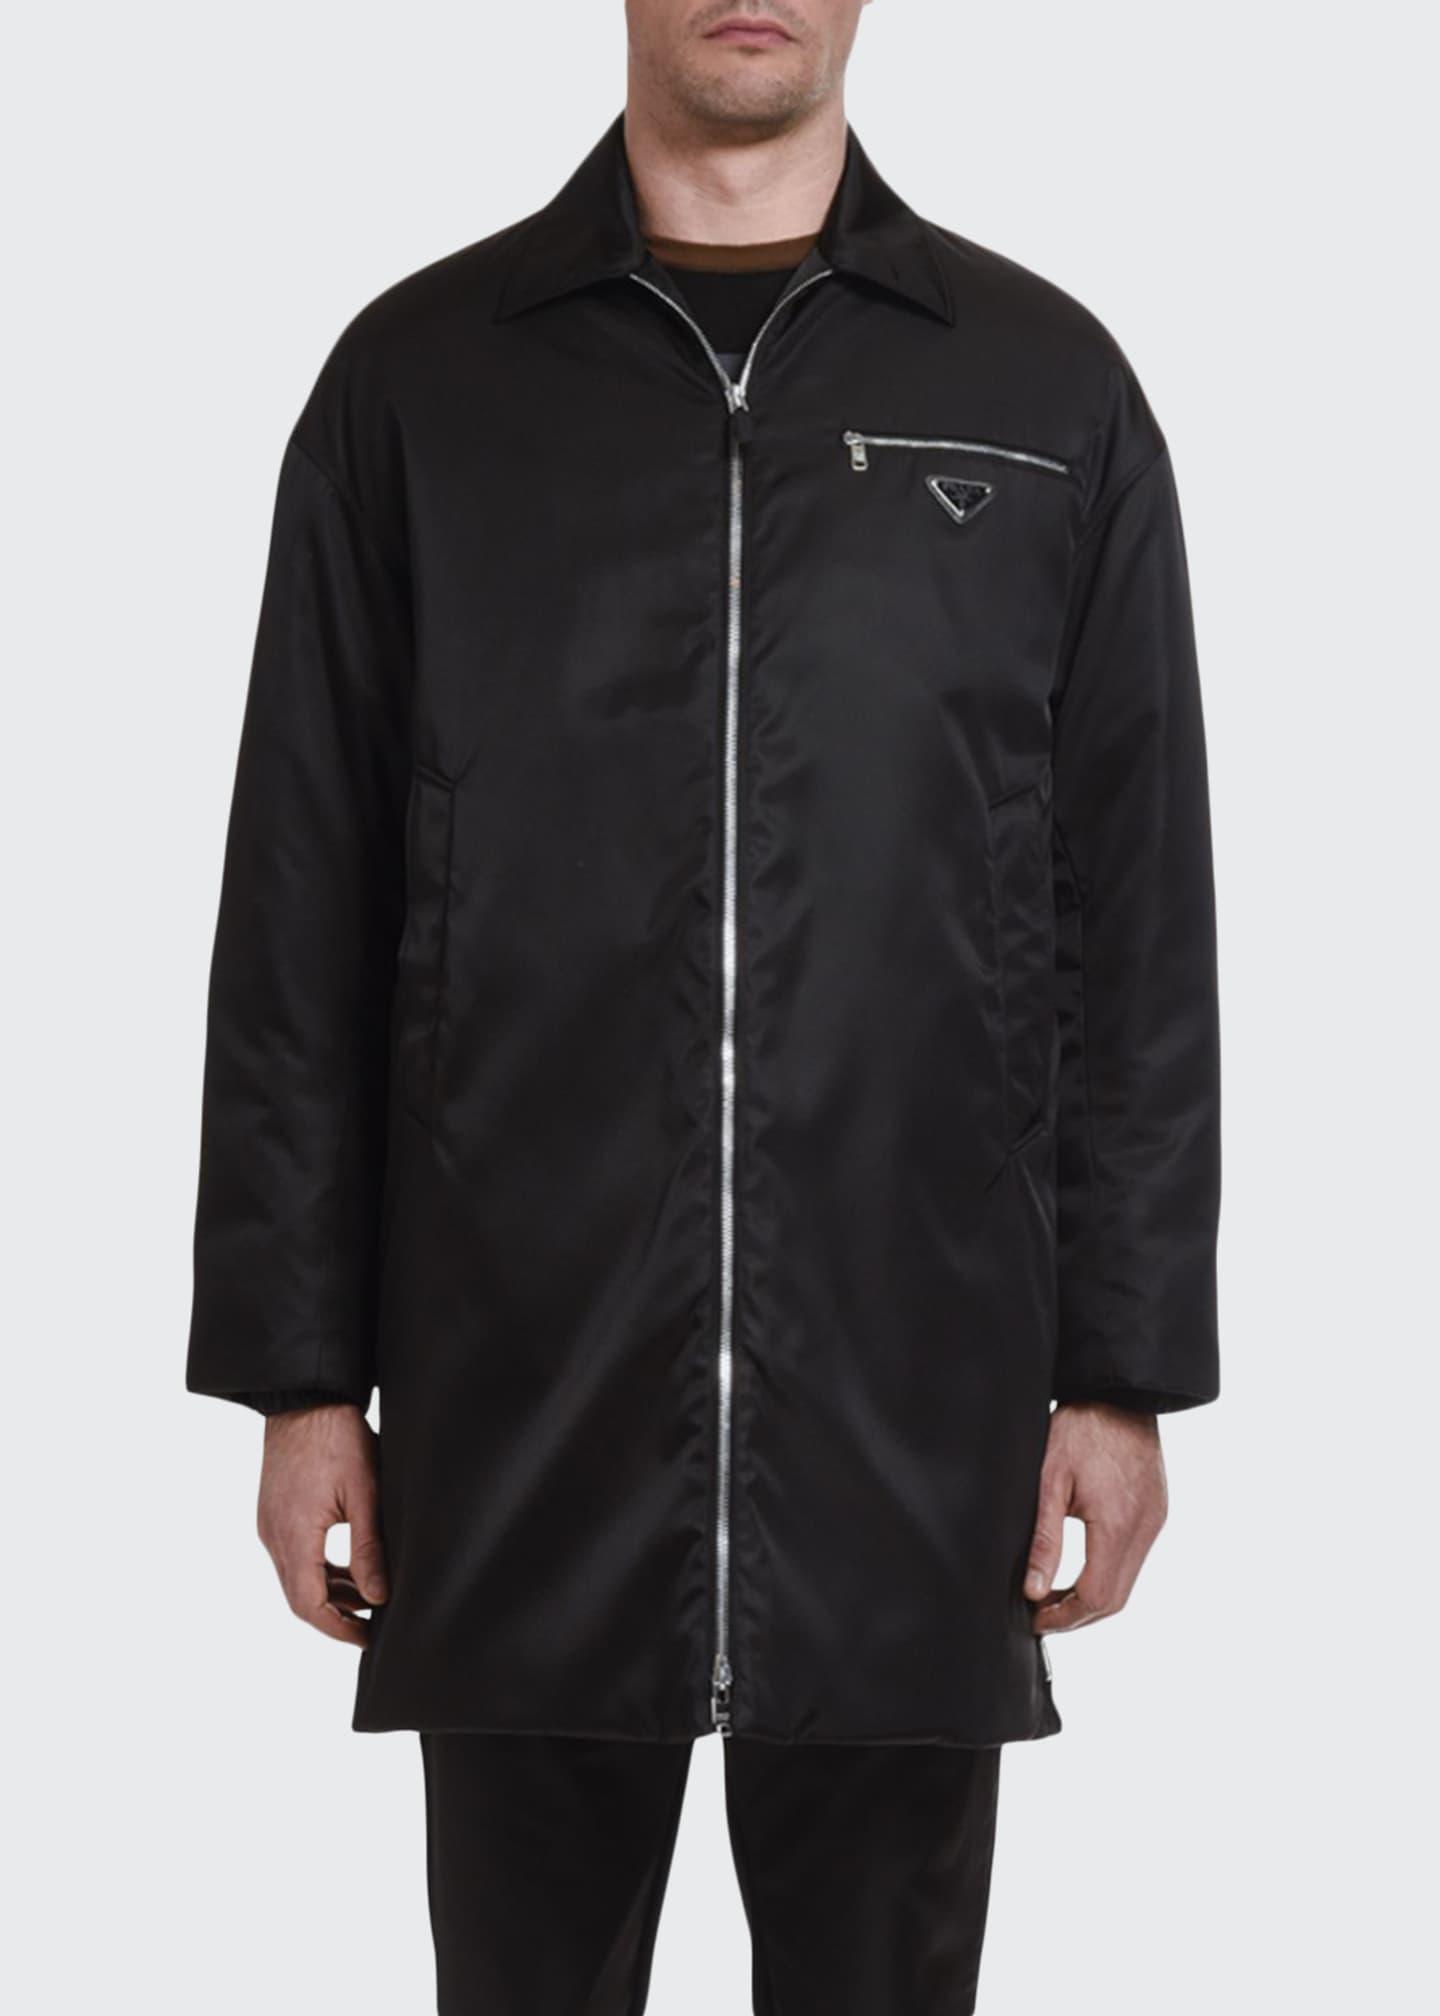 Prada Men's Nylon Raincoat with Two-Zip Front